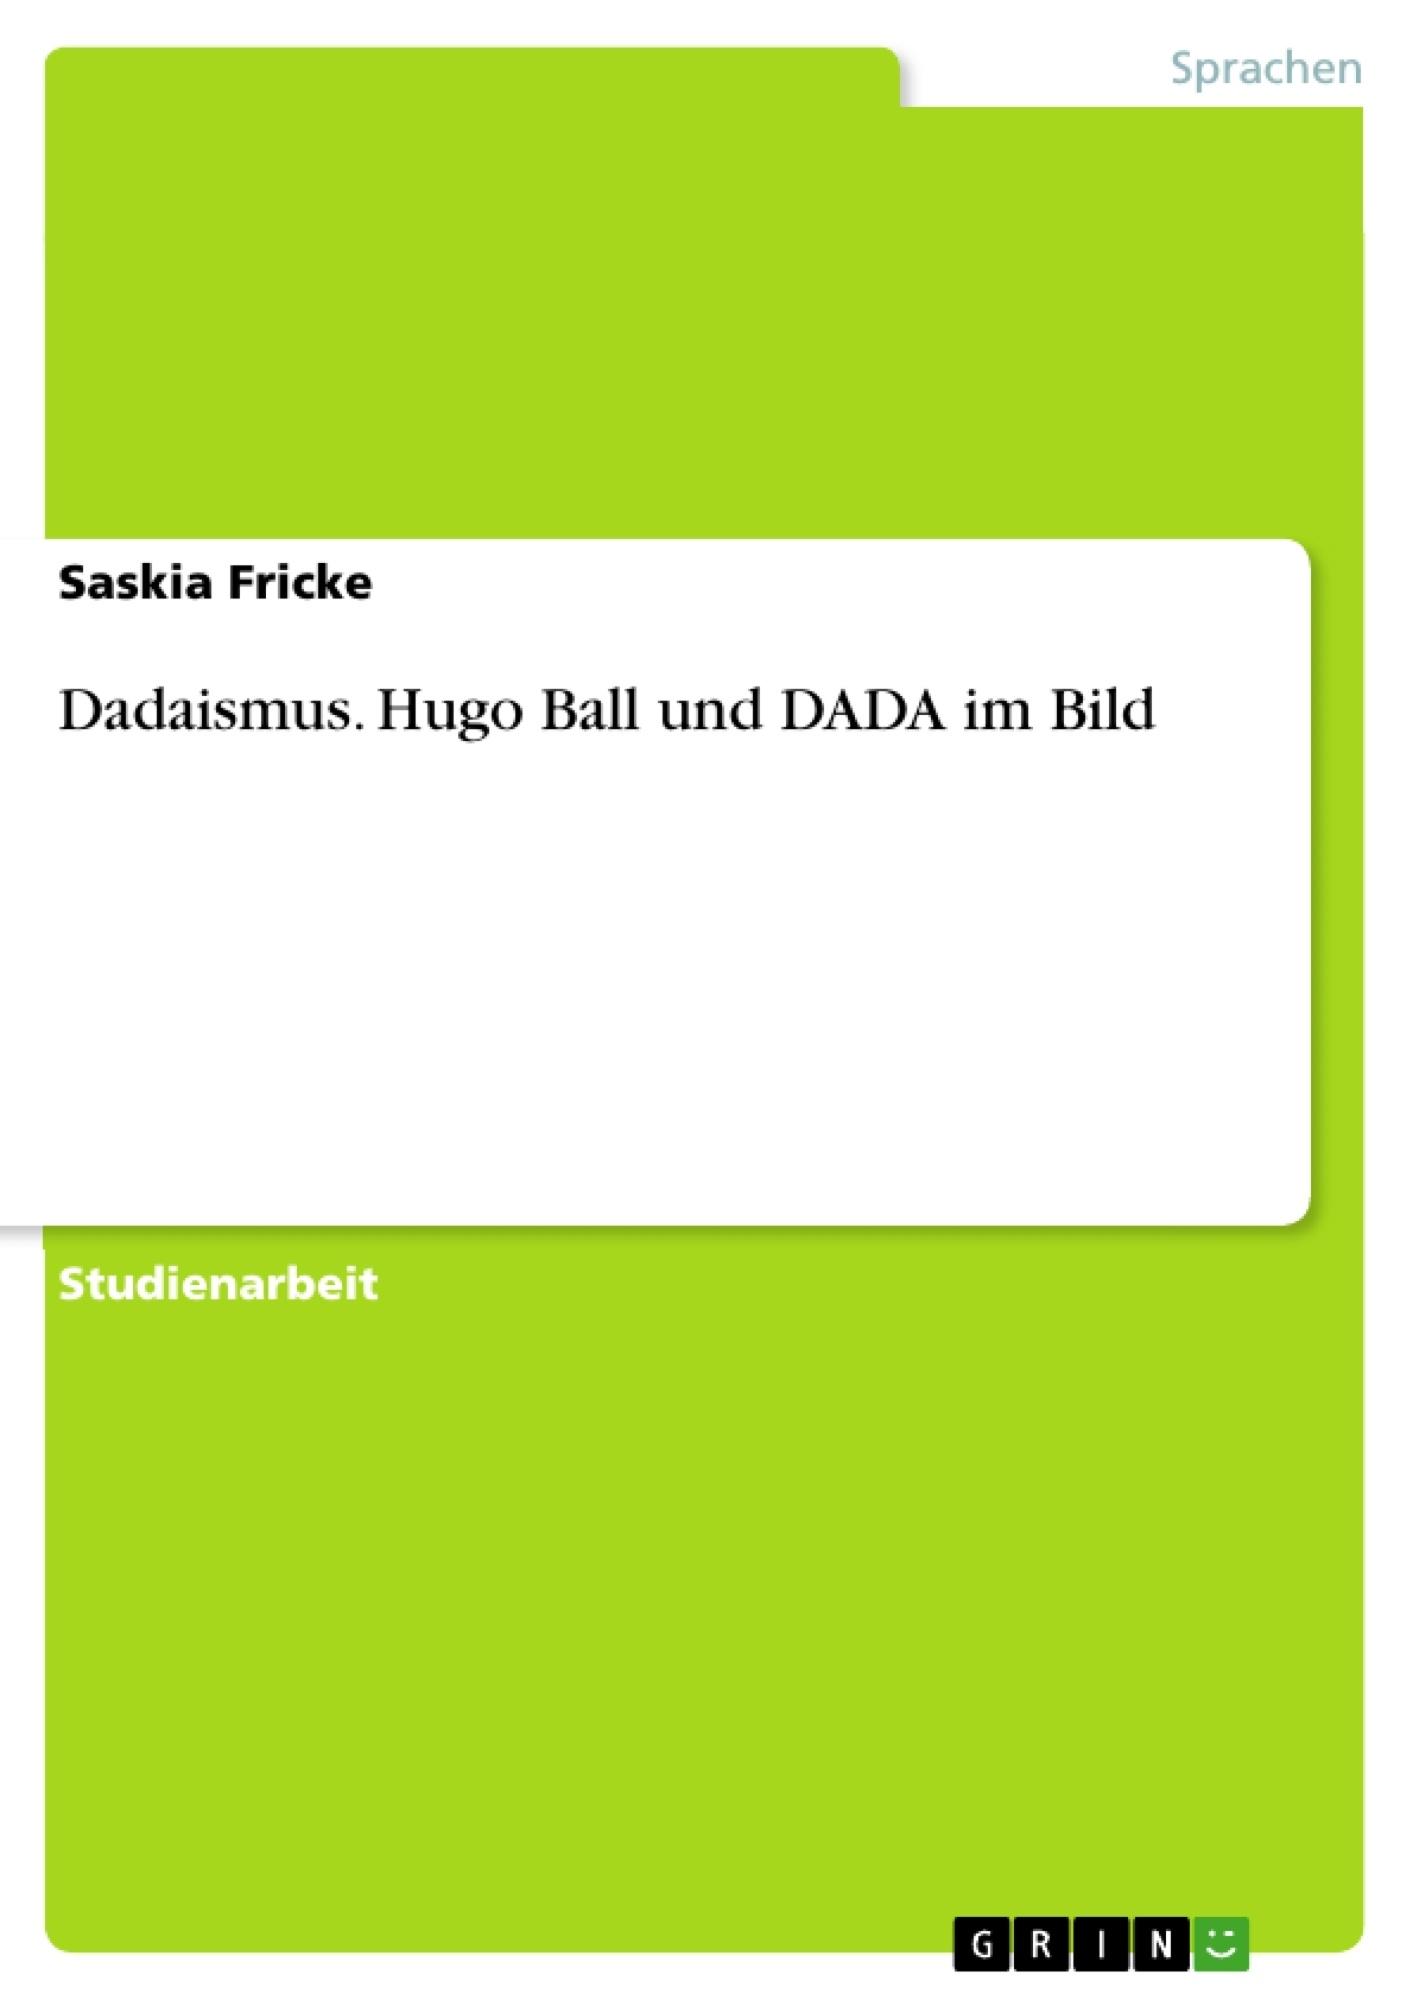 Titel: Dadaismus. Hugo Ball und DADA im Bild